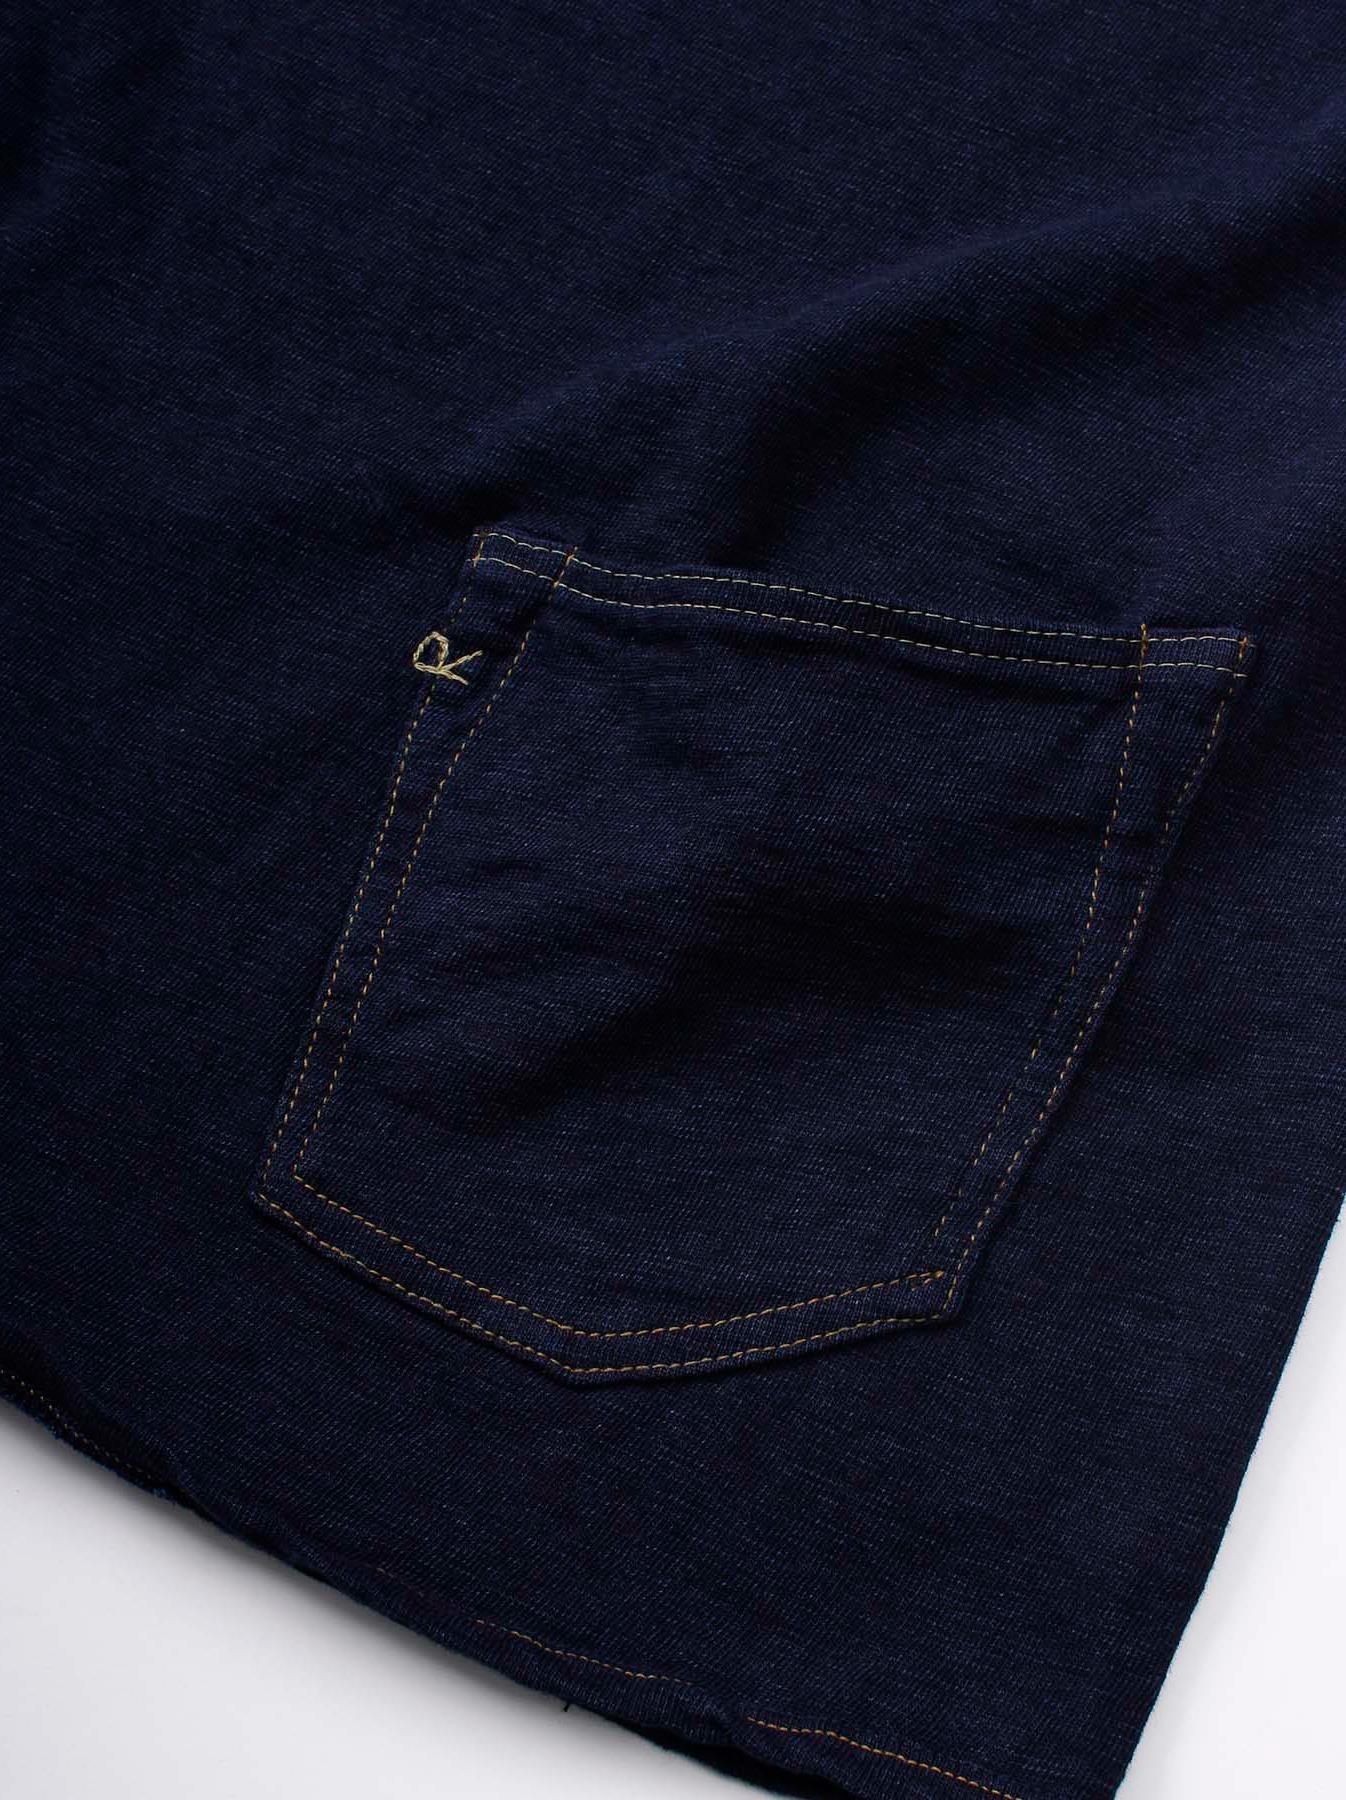 WH Indigo Plating Tenjiku Polo Shirt-9